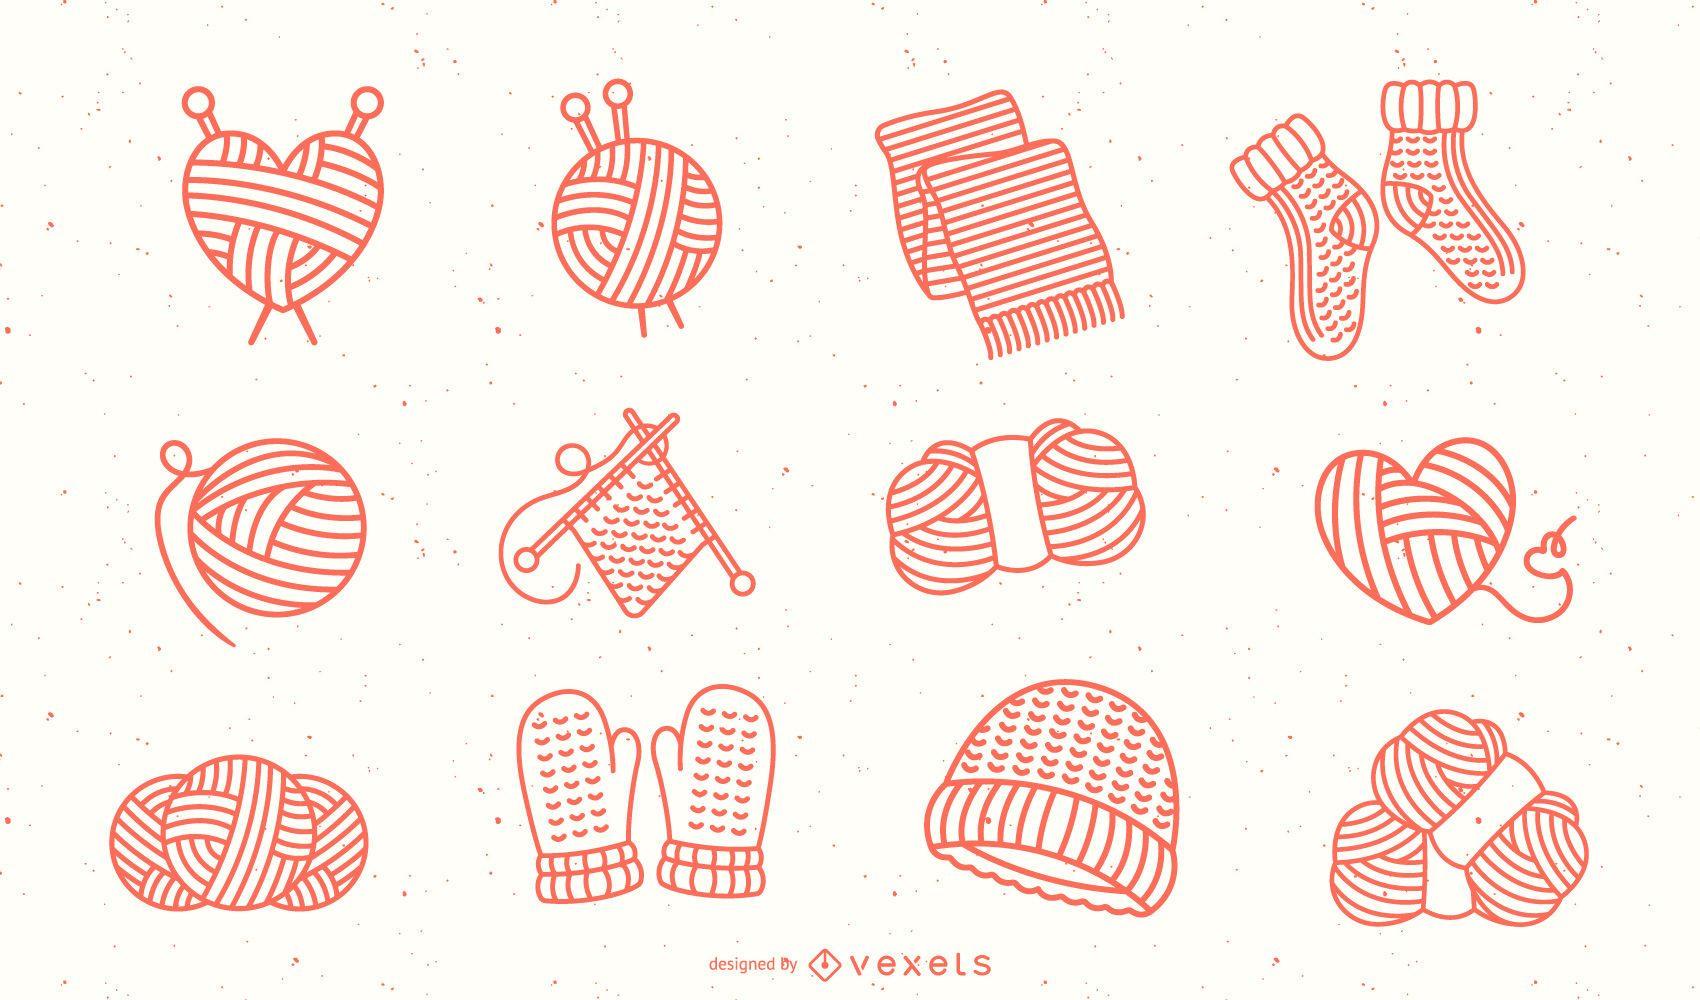 Strichkollektion aus Wollelementen